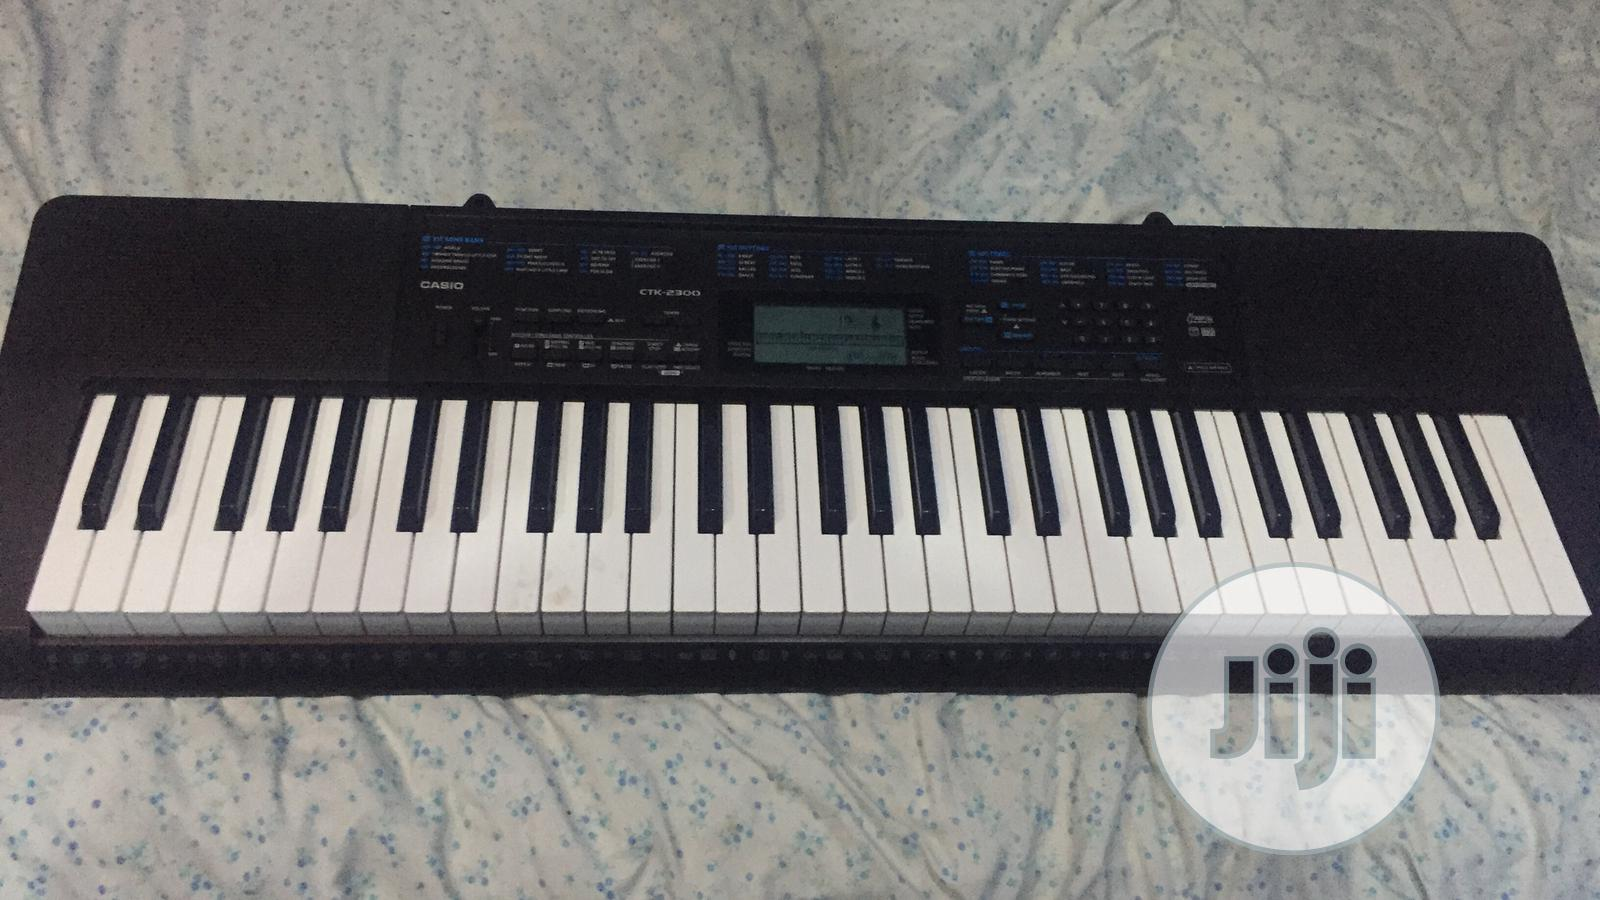 2 Months Old Casio Keyboard